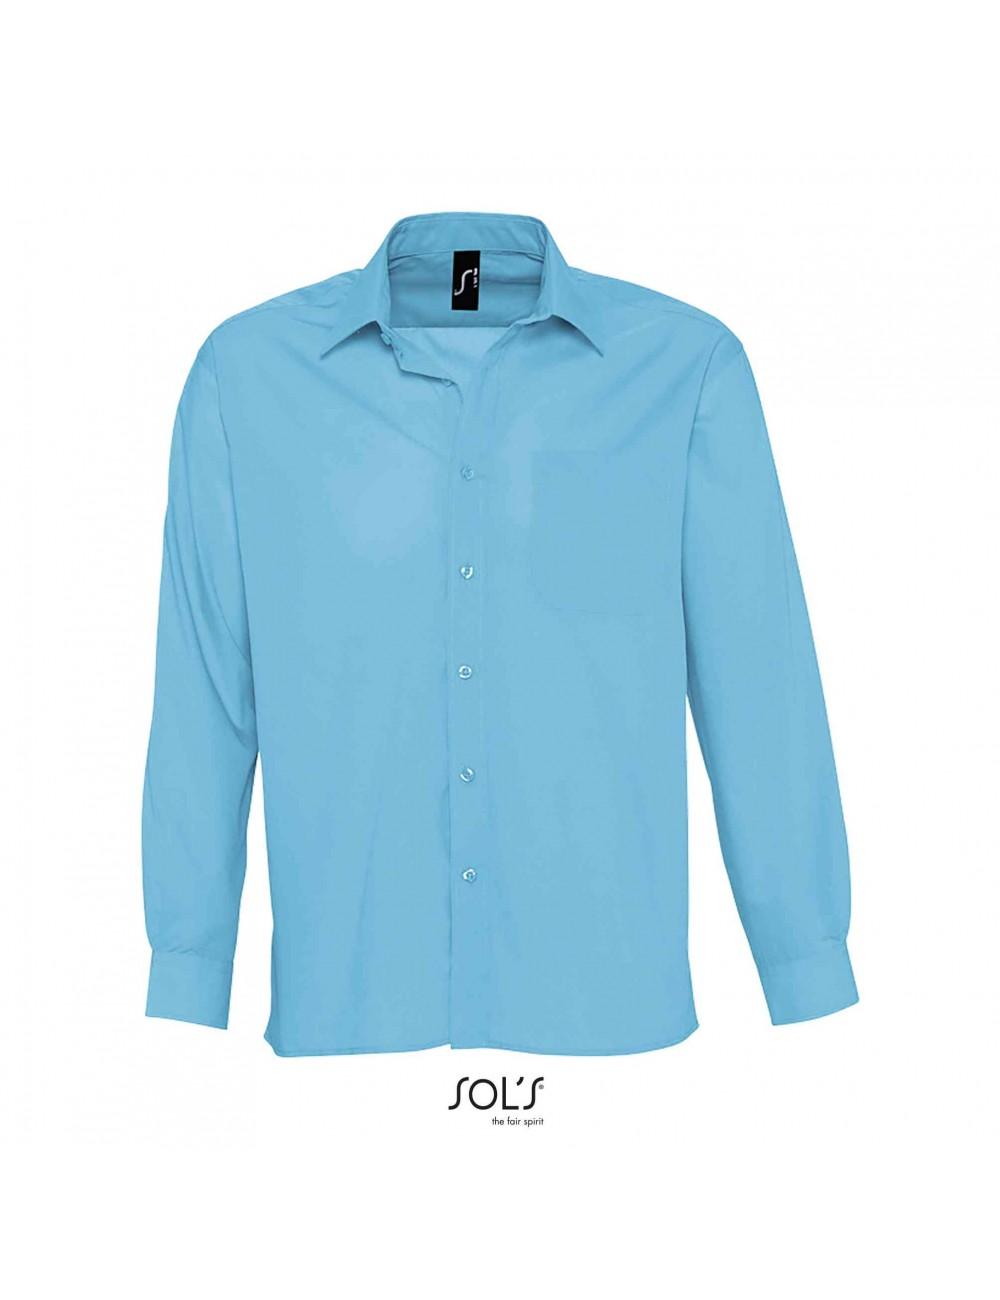 Ανδρικό μακρυμάνικο πουκάμισο από ποπλίνα